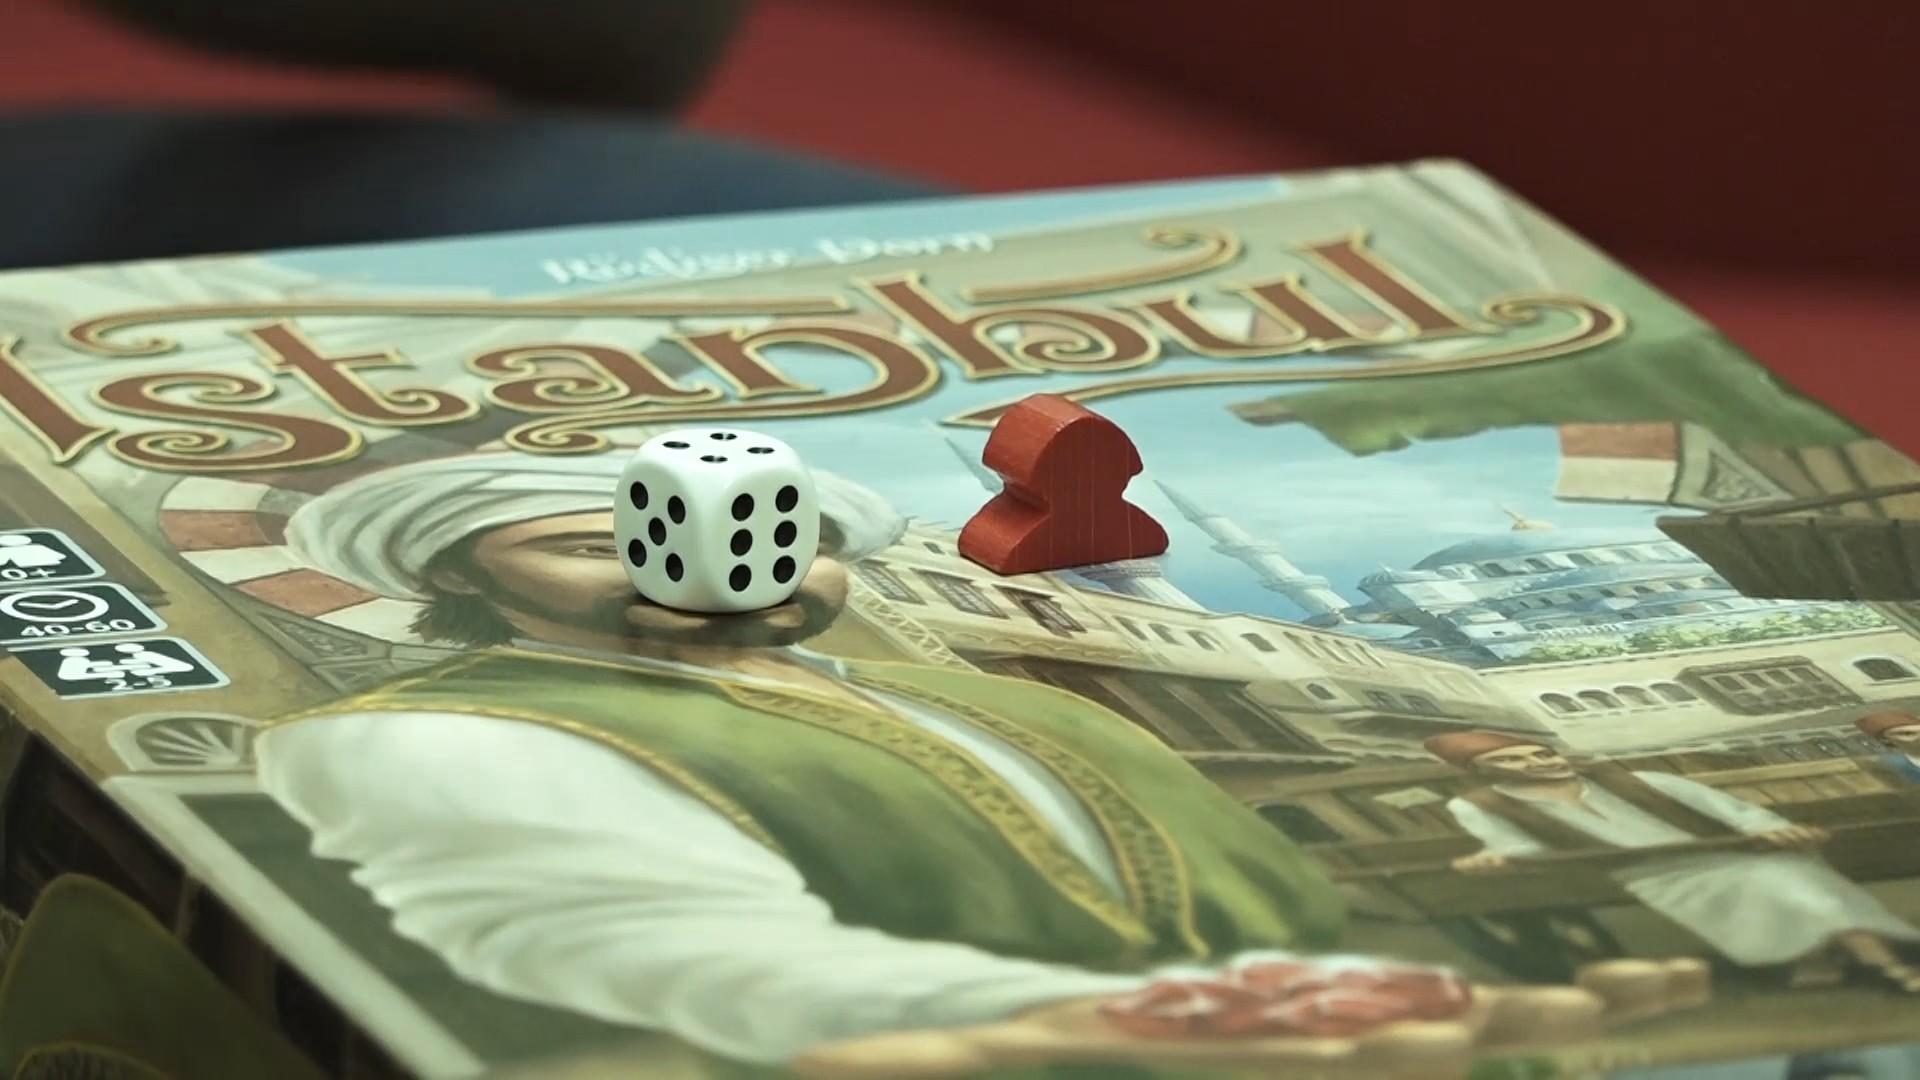 Čo znamená, ak je v hre kocka? A čo, ak sú tam drevené komponenty? (Foto: PoP-Cult Magazín)